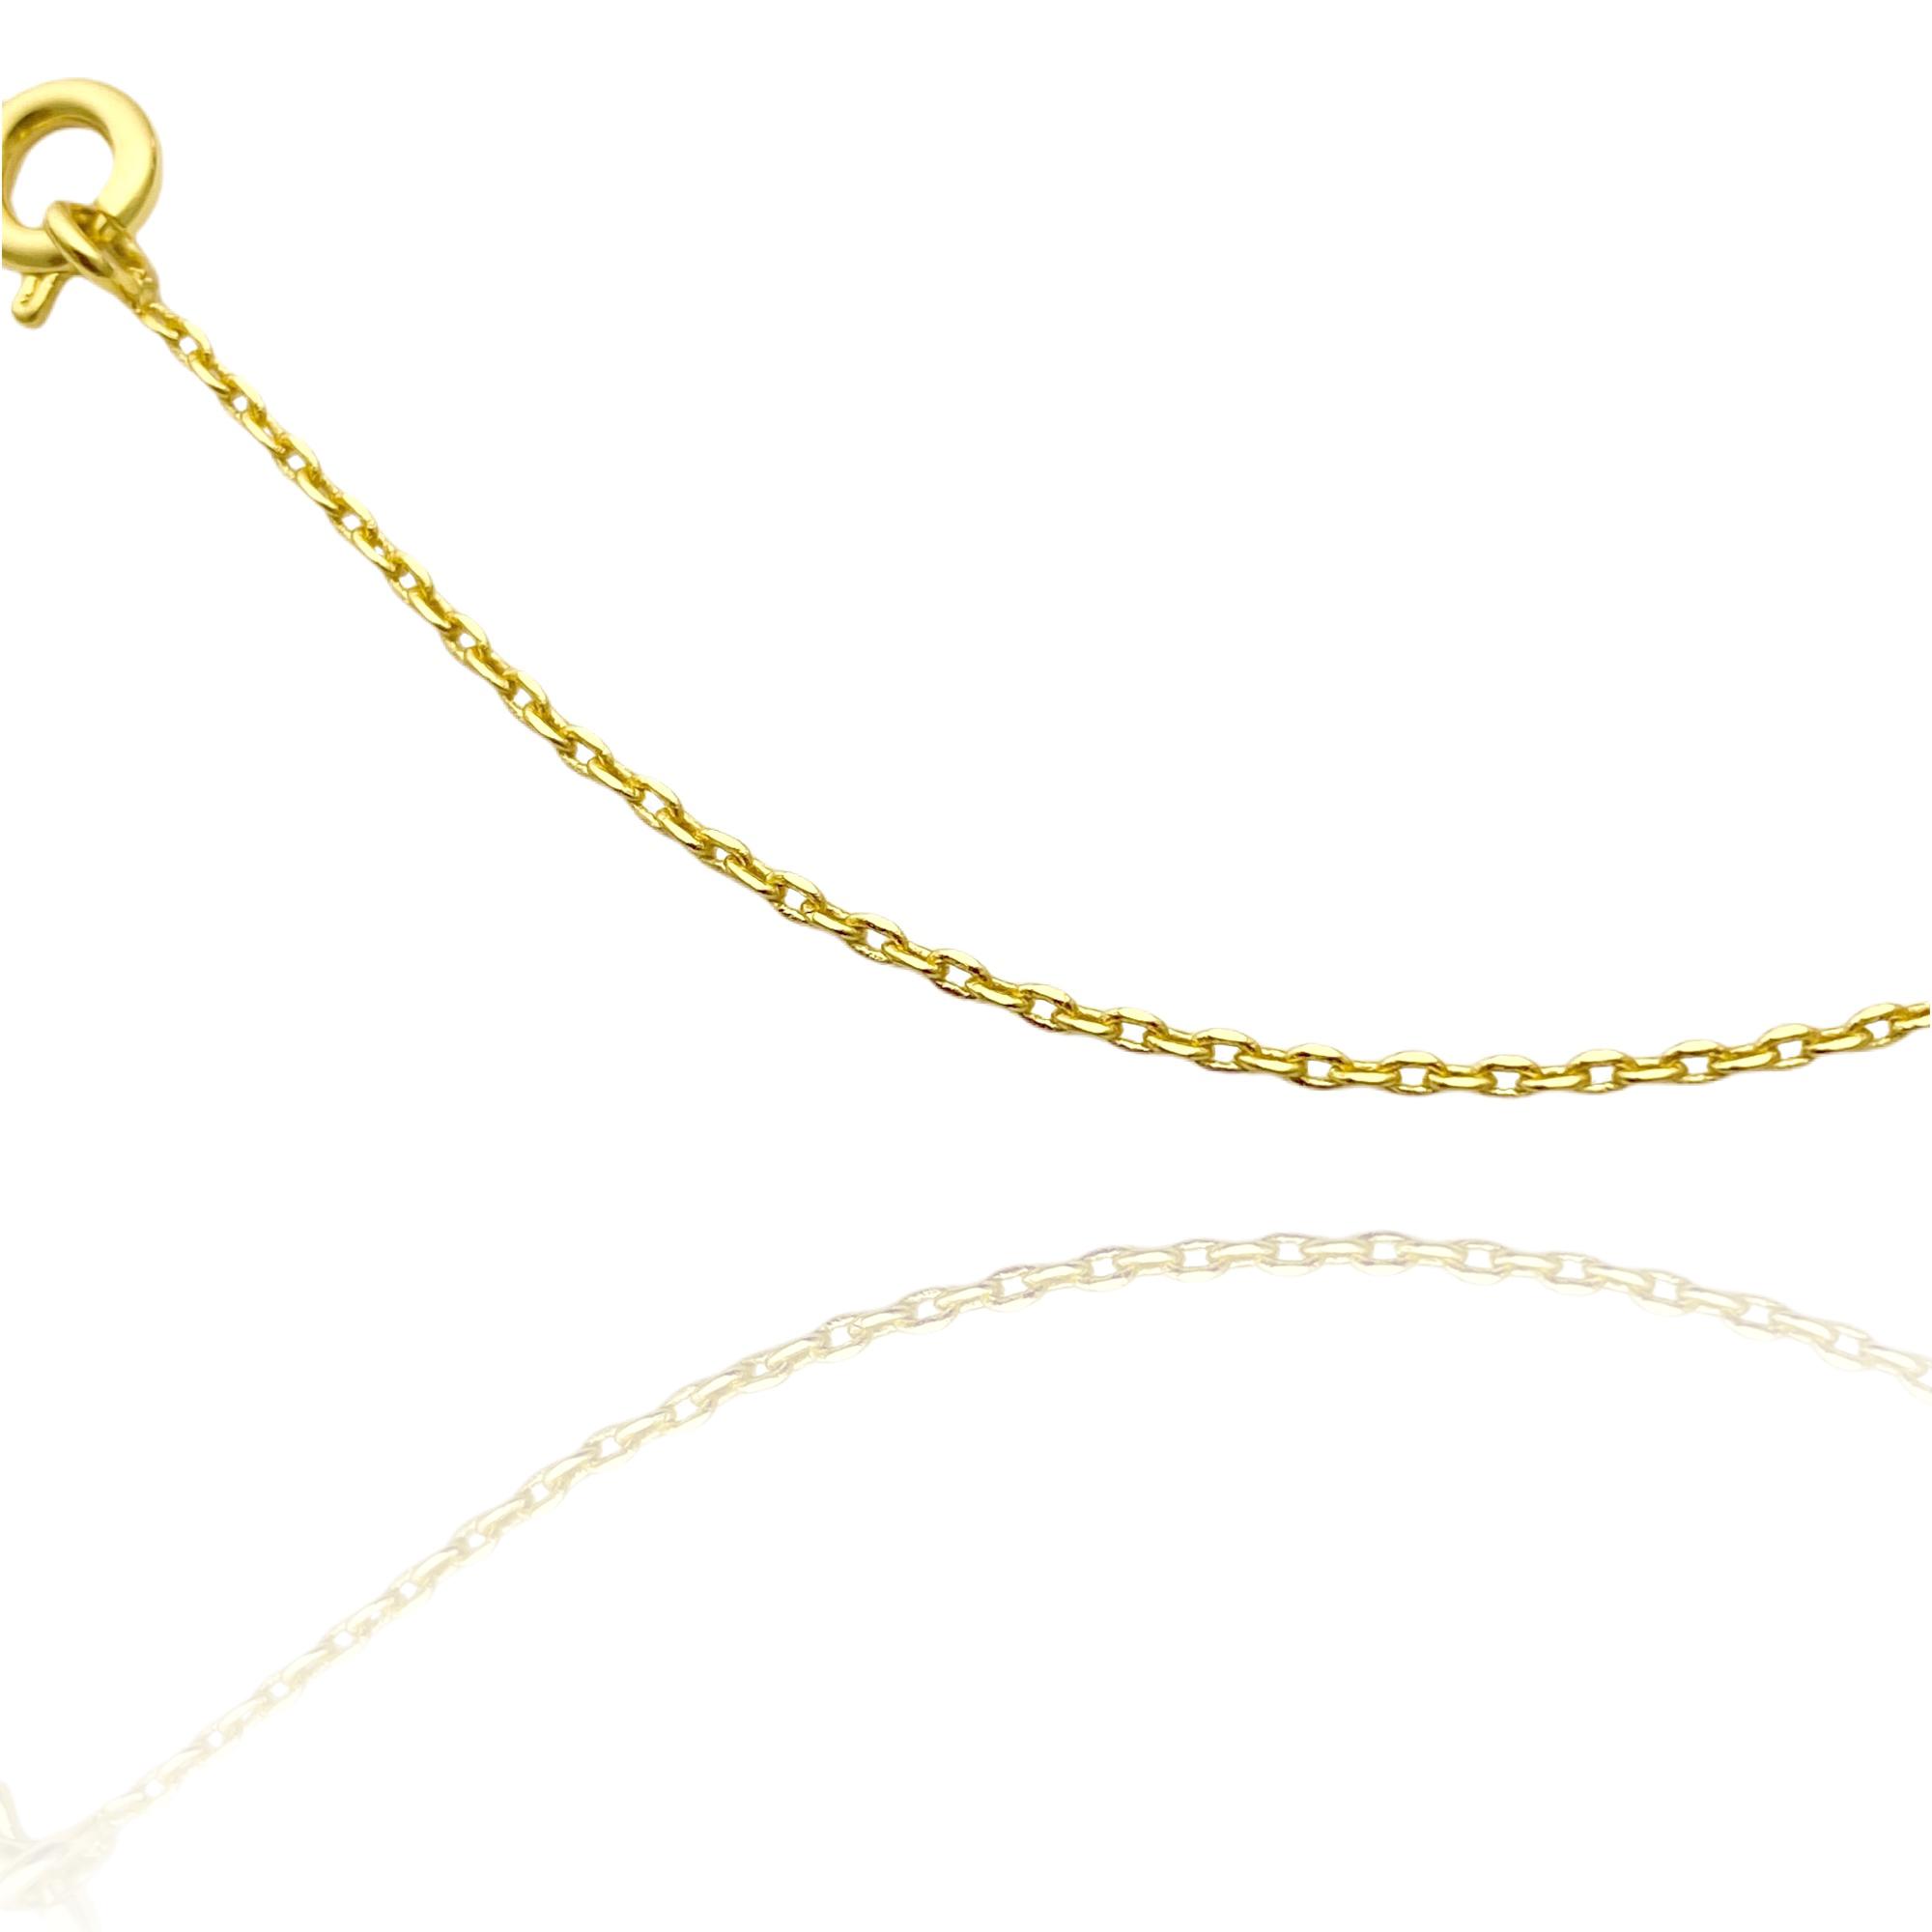 Corrente Carrier Cadeado 1,2mm 70cm (Fecho Tradicional) (Banho Ouro 24K)